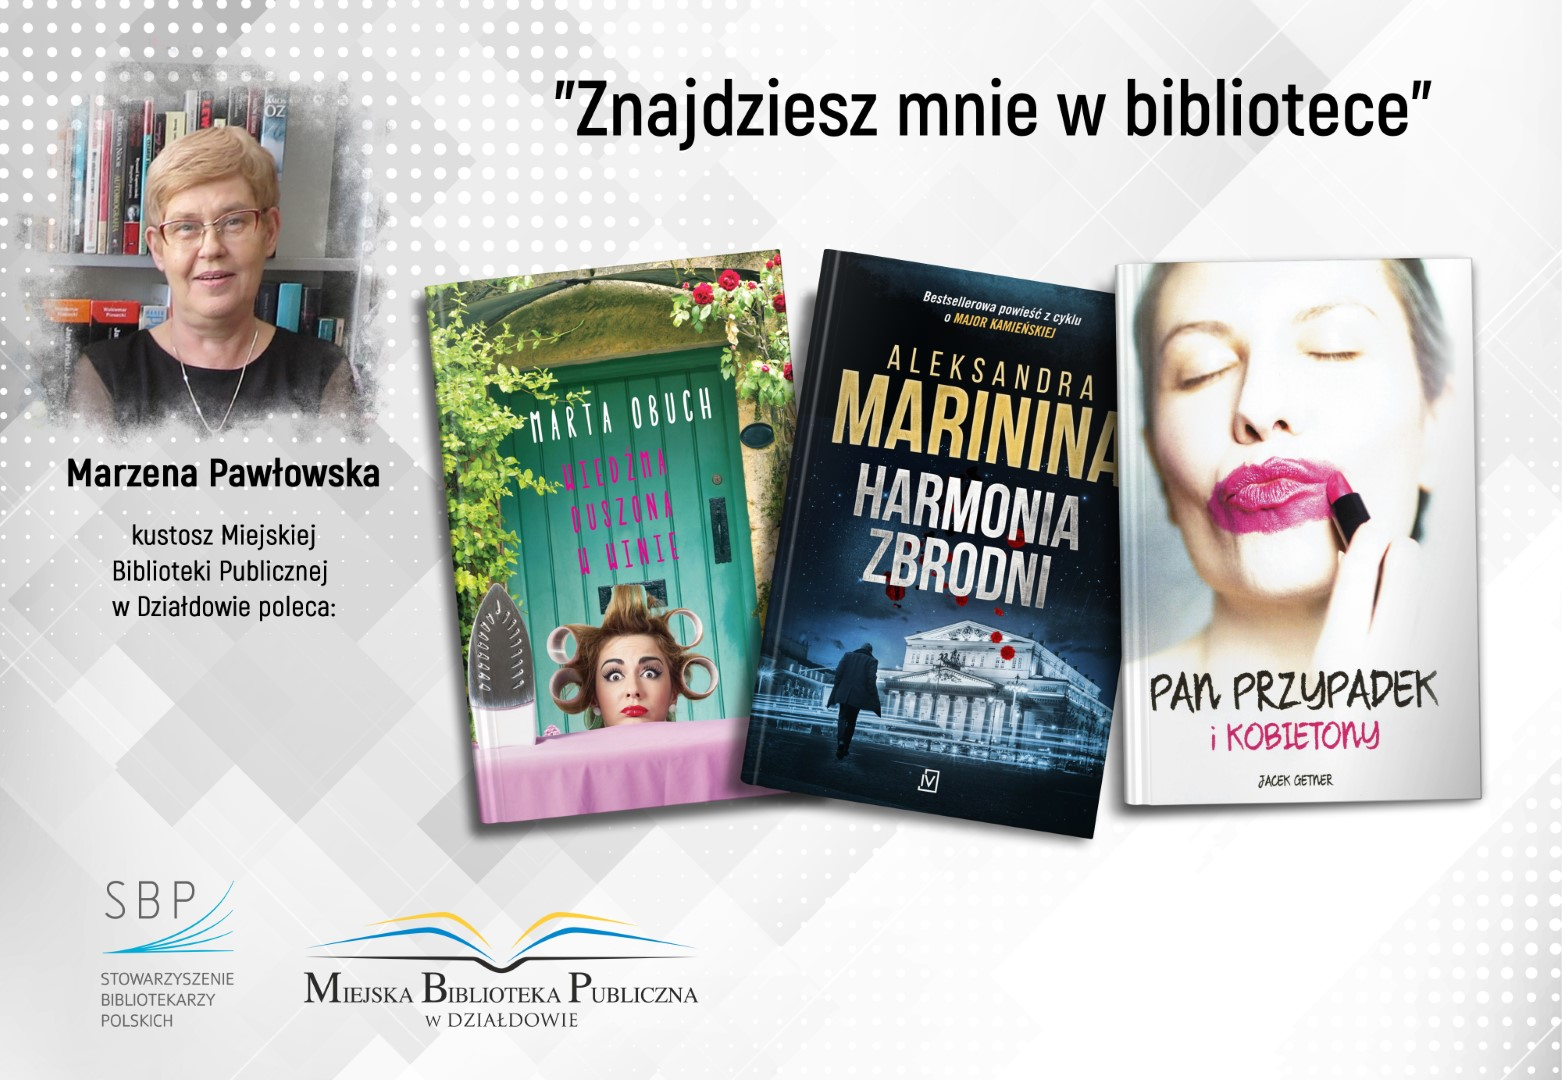 okładki trzech książek polecanych przez pracownika biblioteki